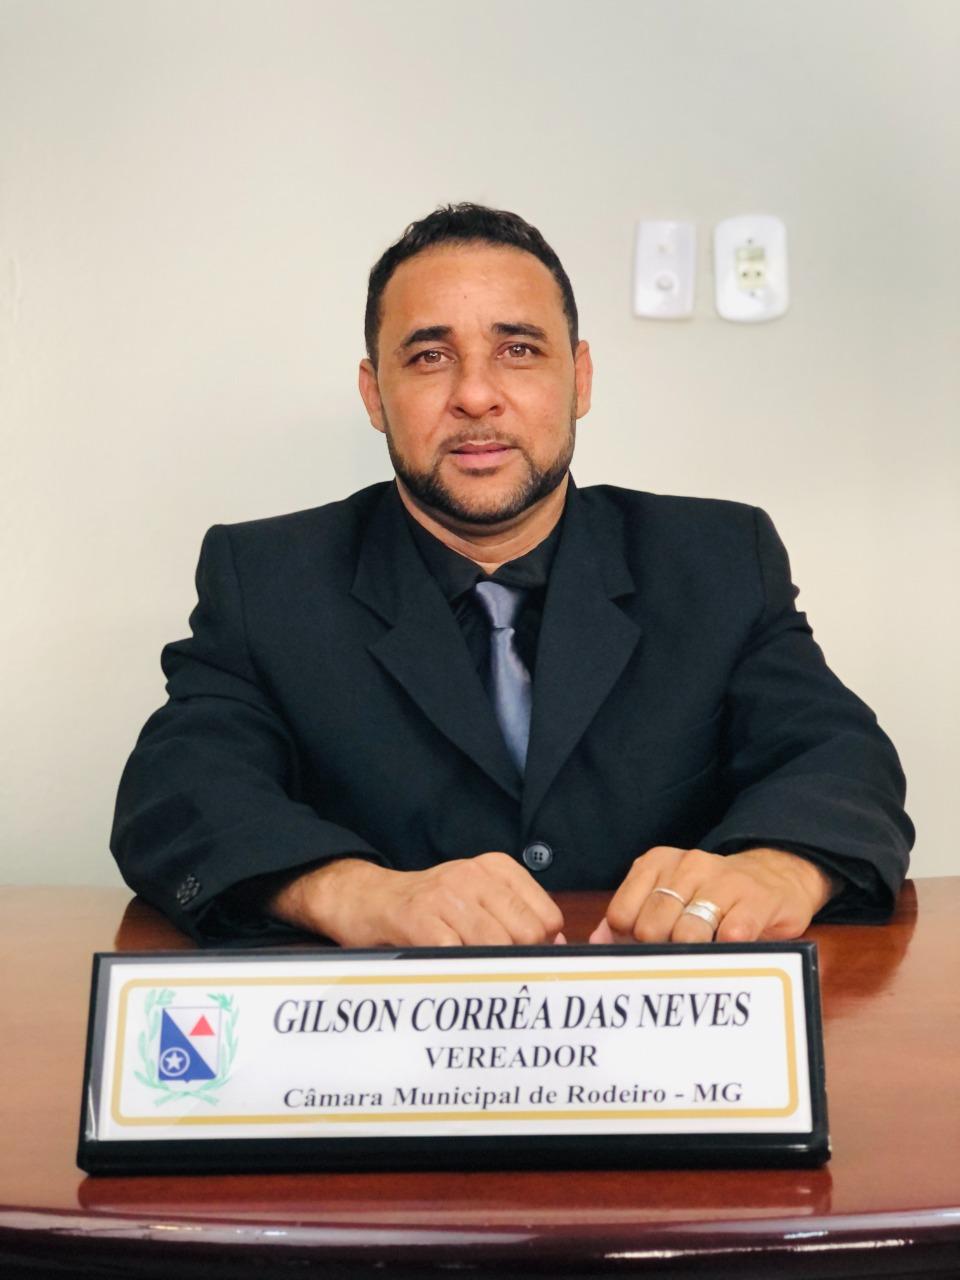 Gilson Correa das Neves